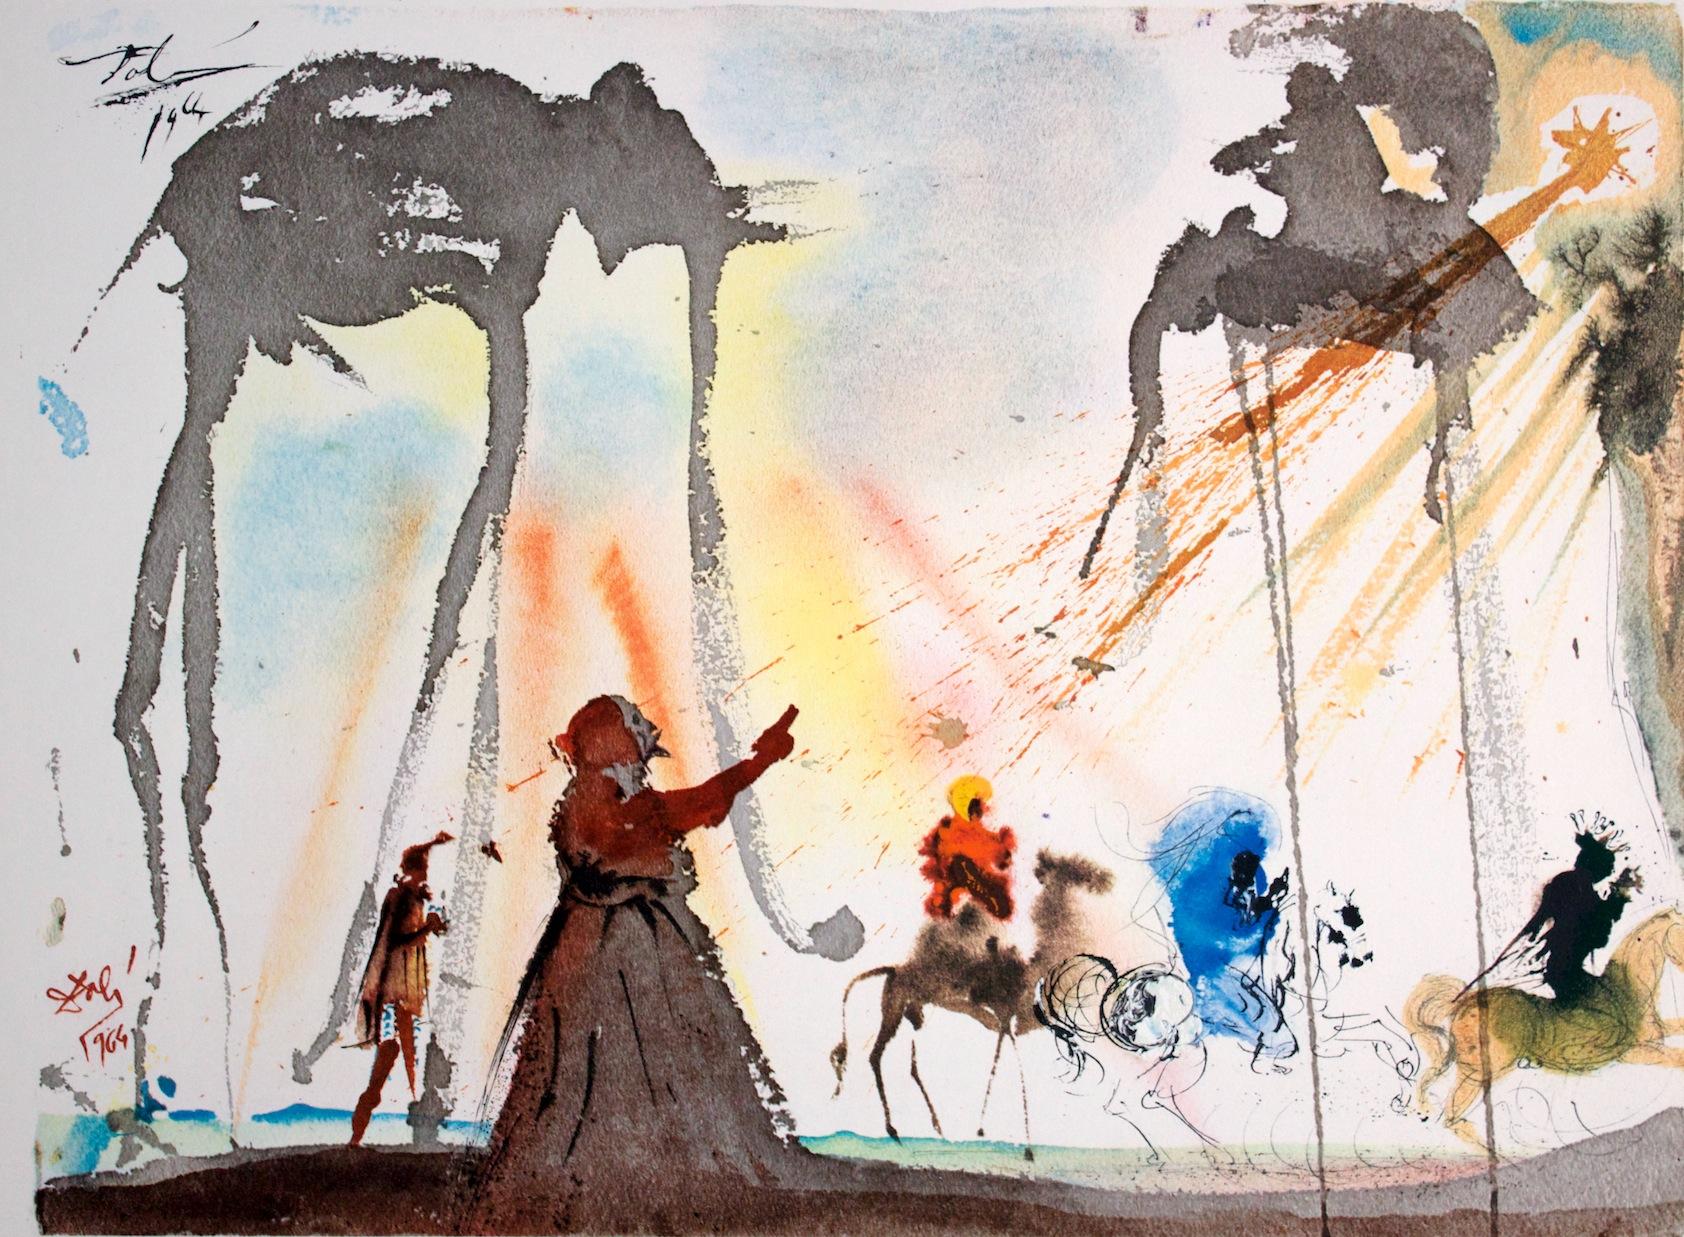 Salvador Dalí, (1904, Figueras, Spagna) - Dal 1929 al 1937 ha prodotto i dipinti che lo hanno reso l'artista surrealista più conosciuto al mondo.Due eventi in particolare portarono allo sviluppo del suo stile artistico maturo: la scoperta degli scritti di Sigmund Freud sul significato erotico dell'immaginario del subconscio e la sua affiliazione con i Surrealisti di Parigi, un gruppo di artisti e scrittori che cercarono di stabilire la